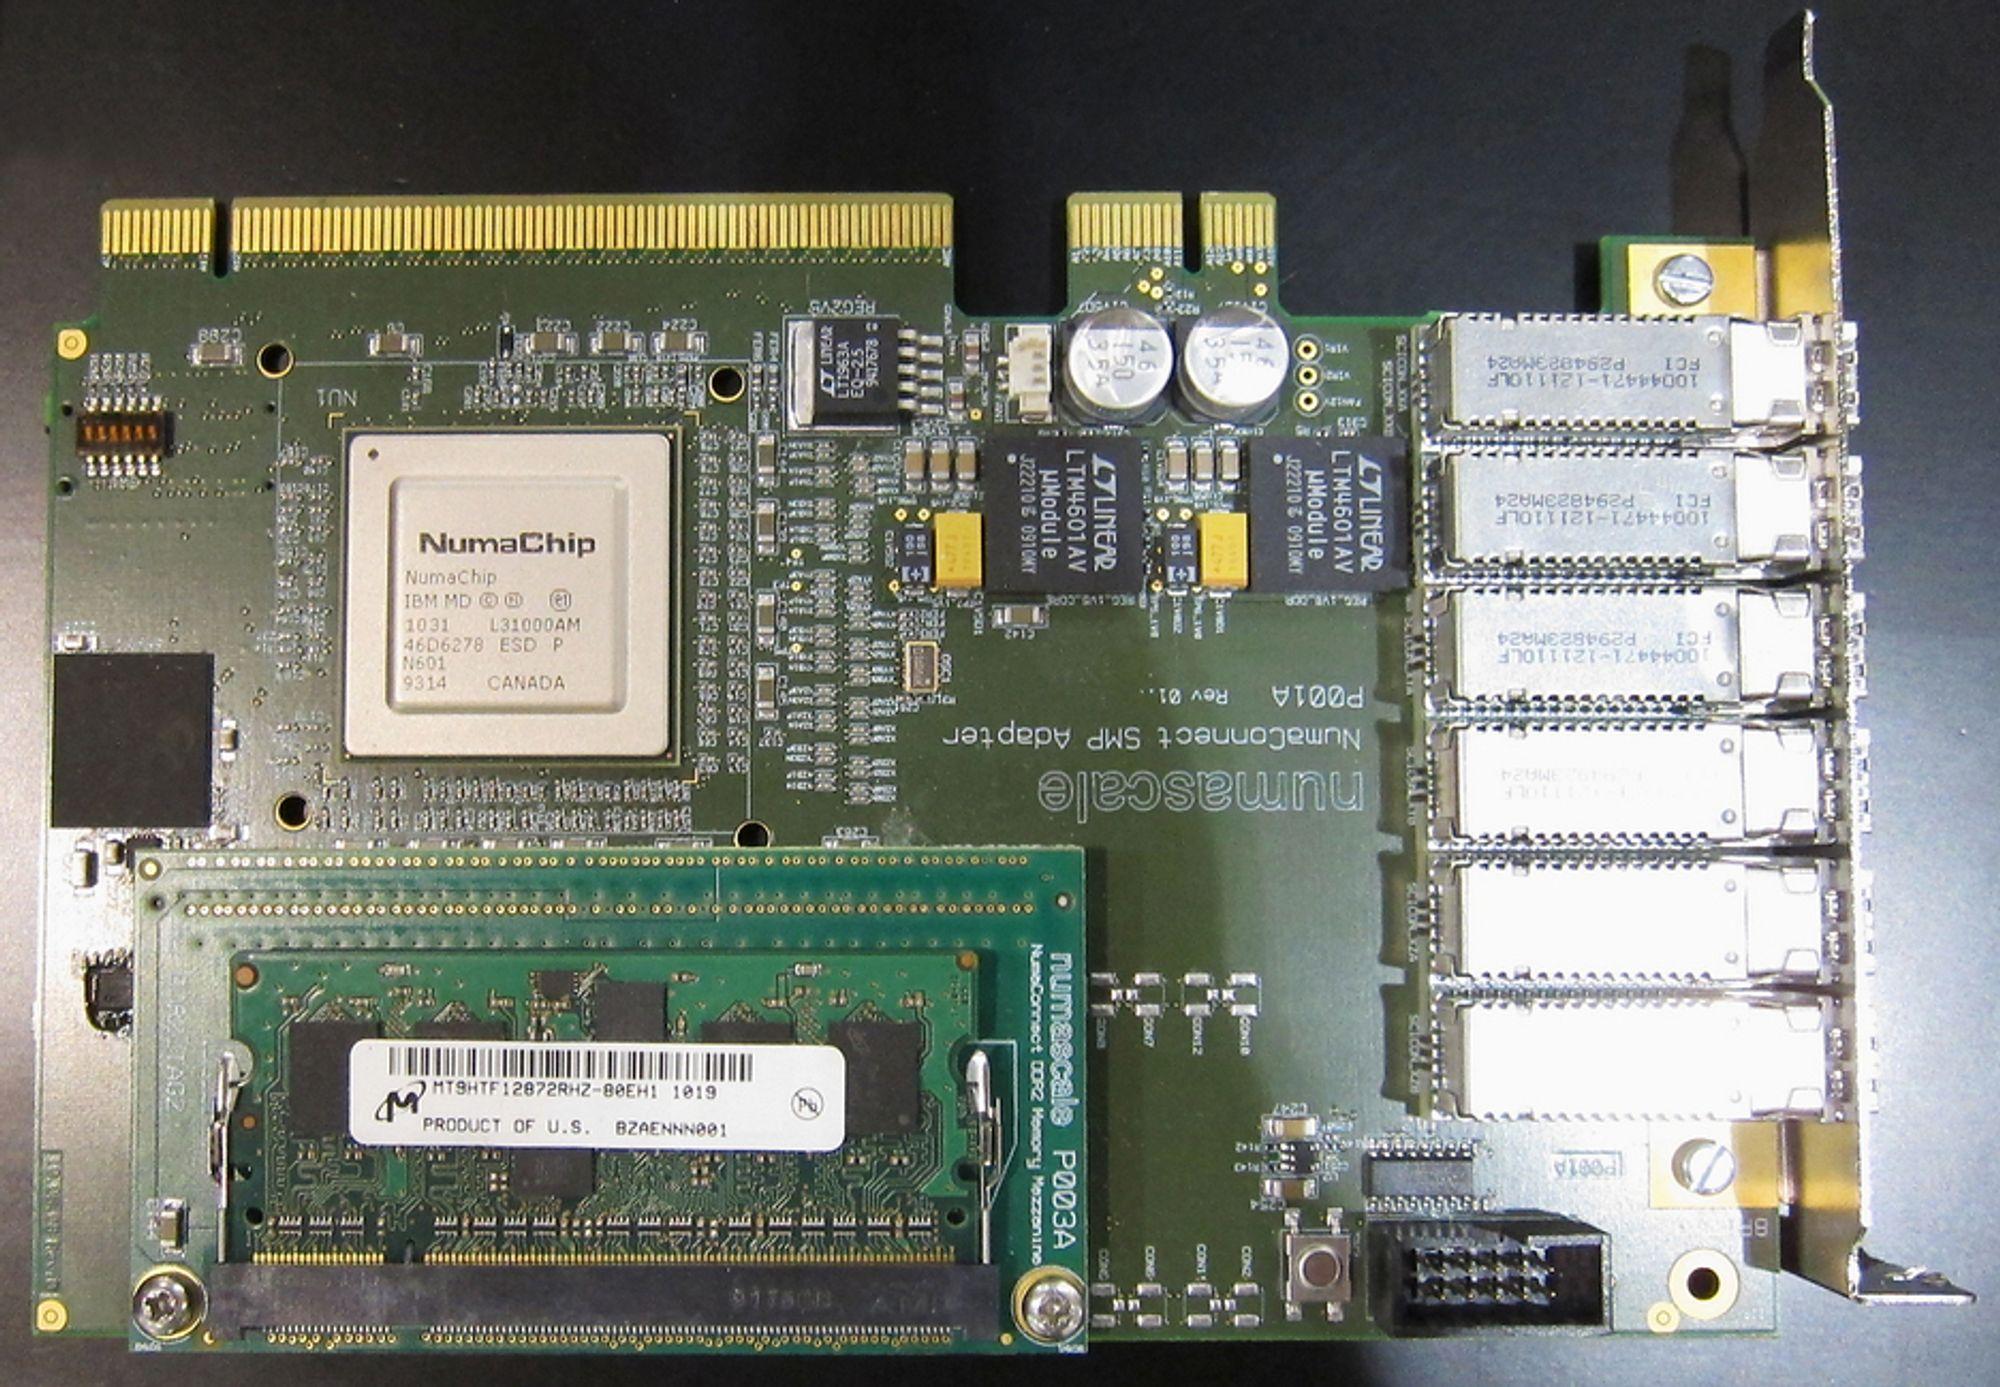 VEIKRYSSET: Et slikt kort bygges inn i alle servere som bruker teknologien til Numascale. Det gjør at alle serverne kan dele alt minne som finnes i dem.